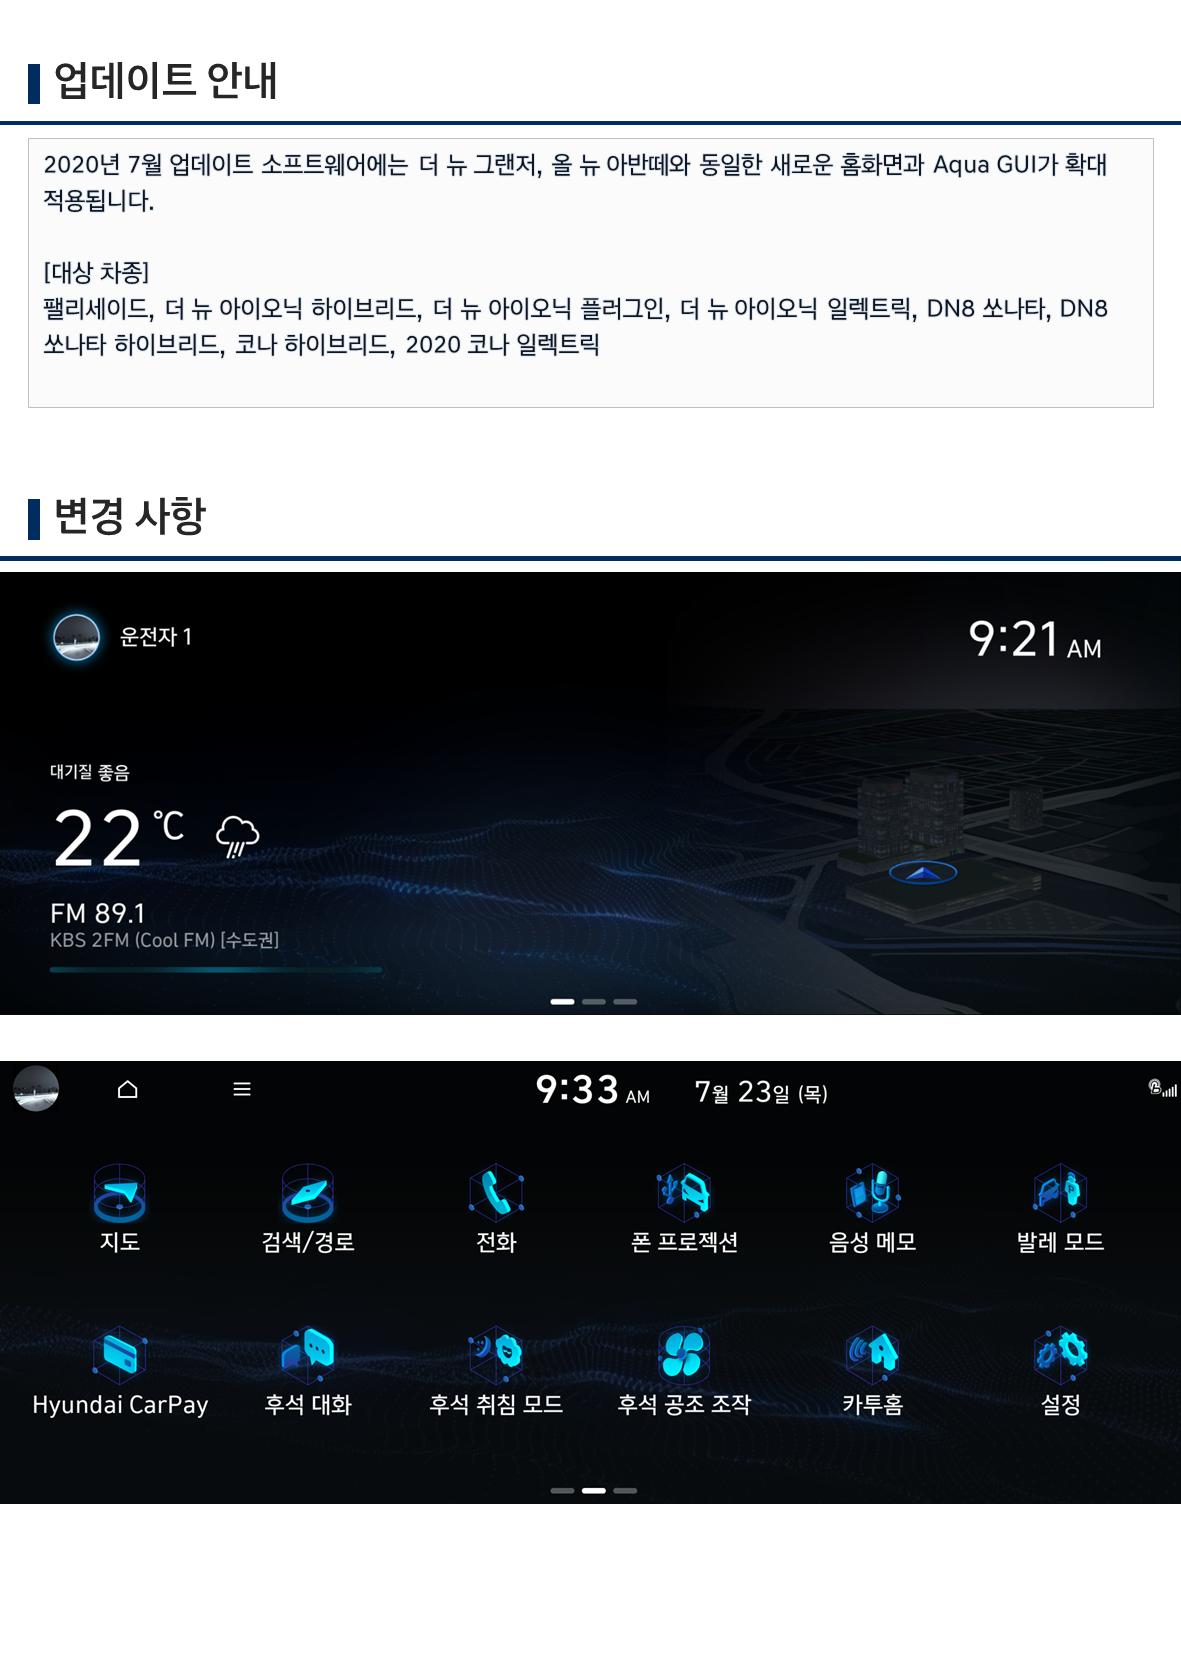 표5W_신규 GUI_AQUA_현대.png